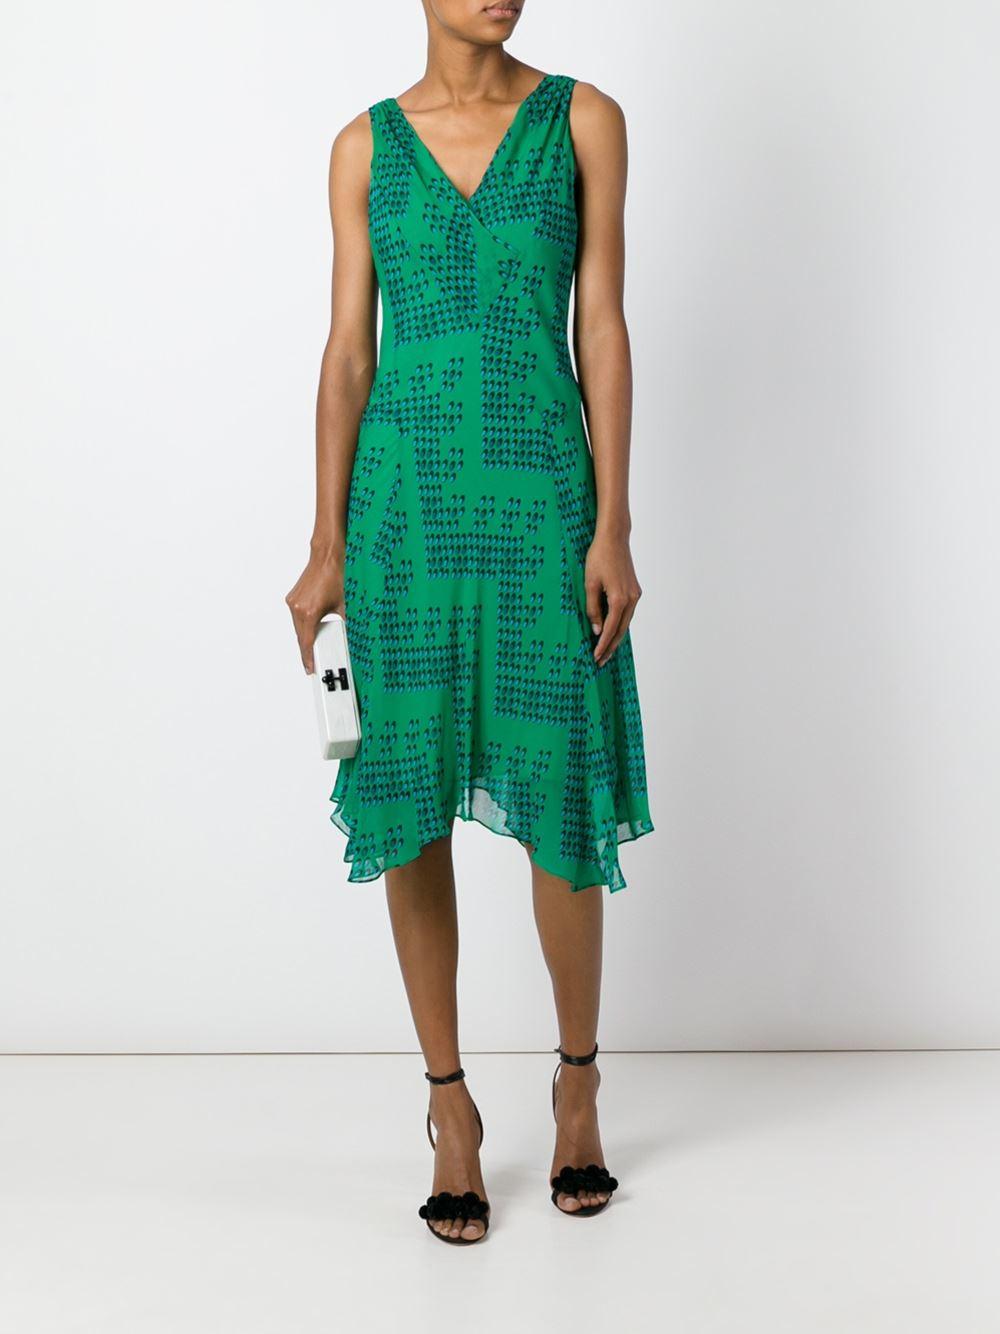 Diane von Furstenberg Cotton Dita Printed Silk-Chiffon Dress in Green